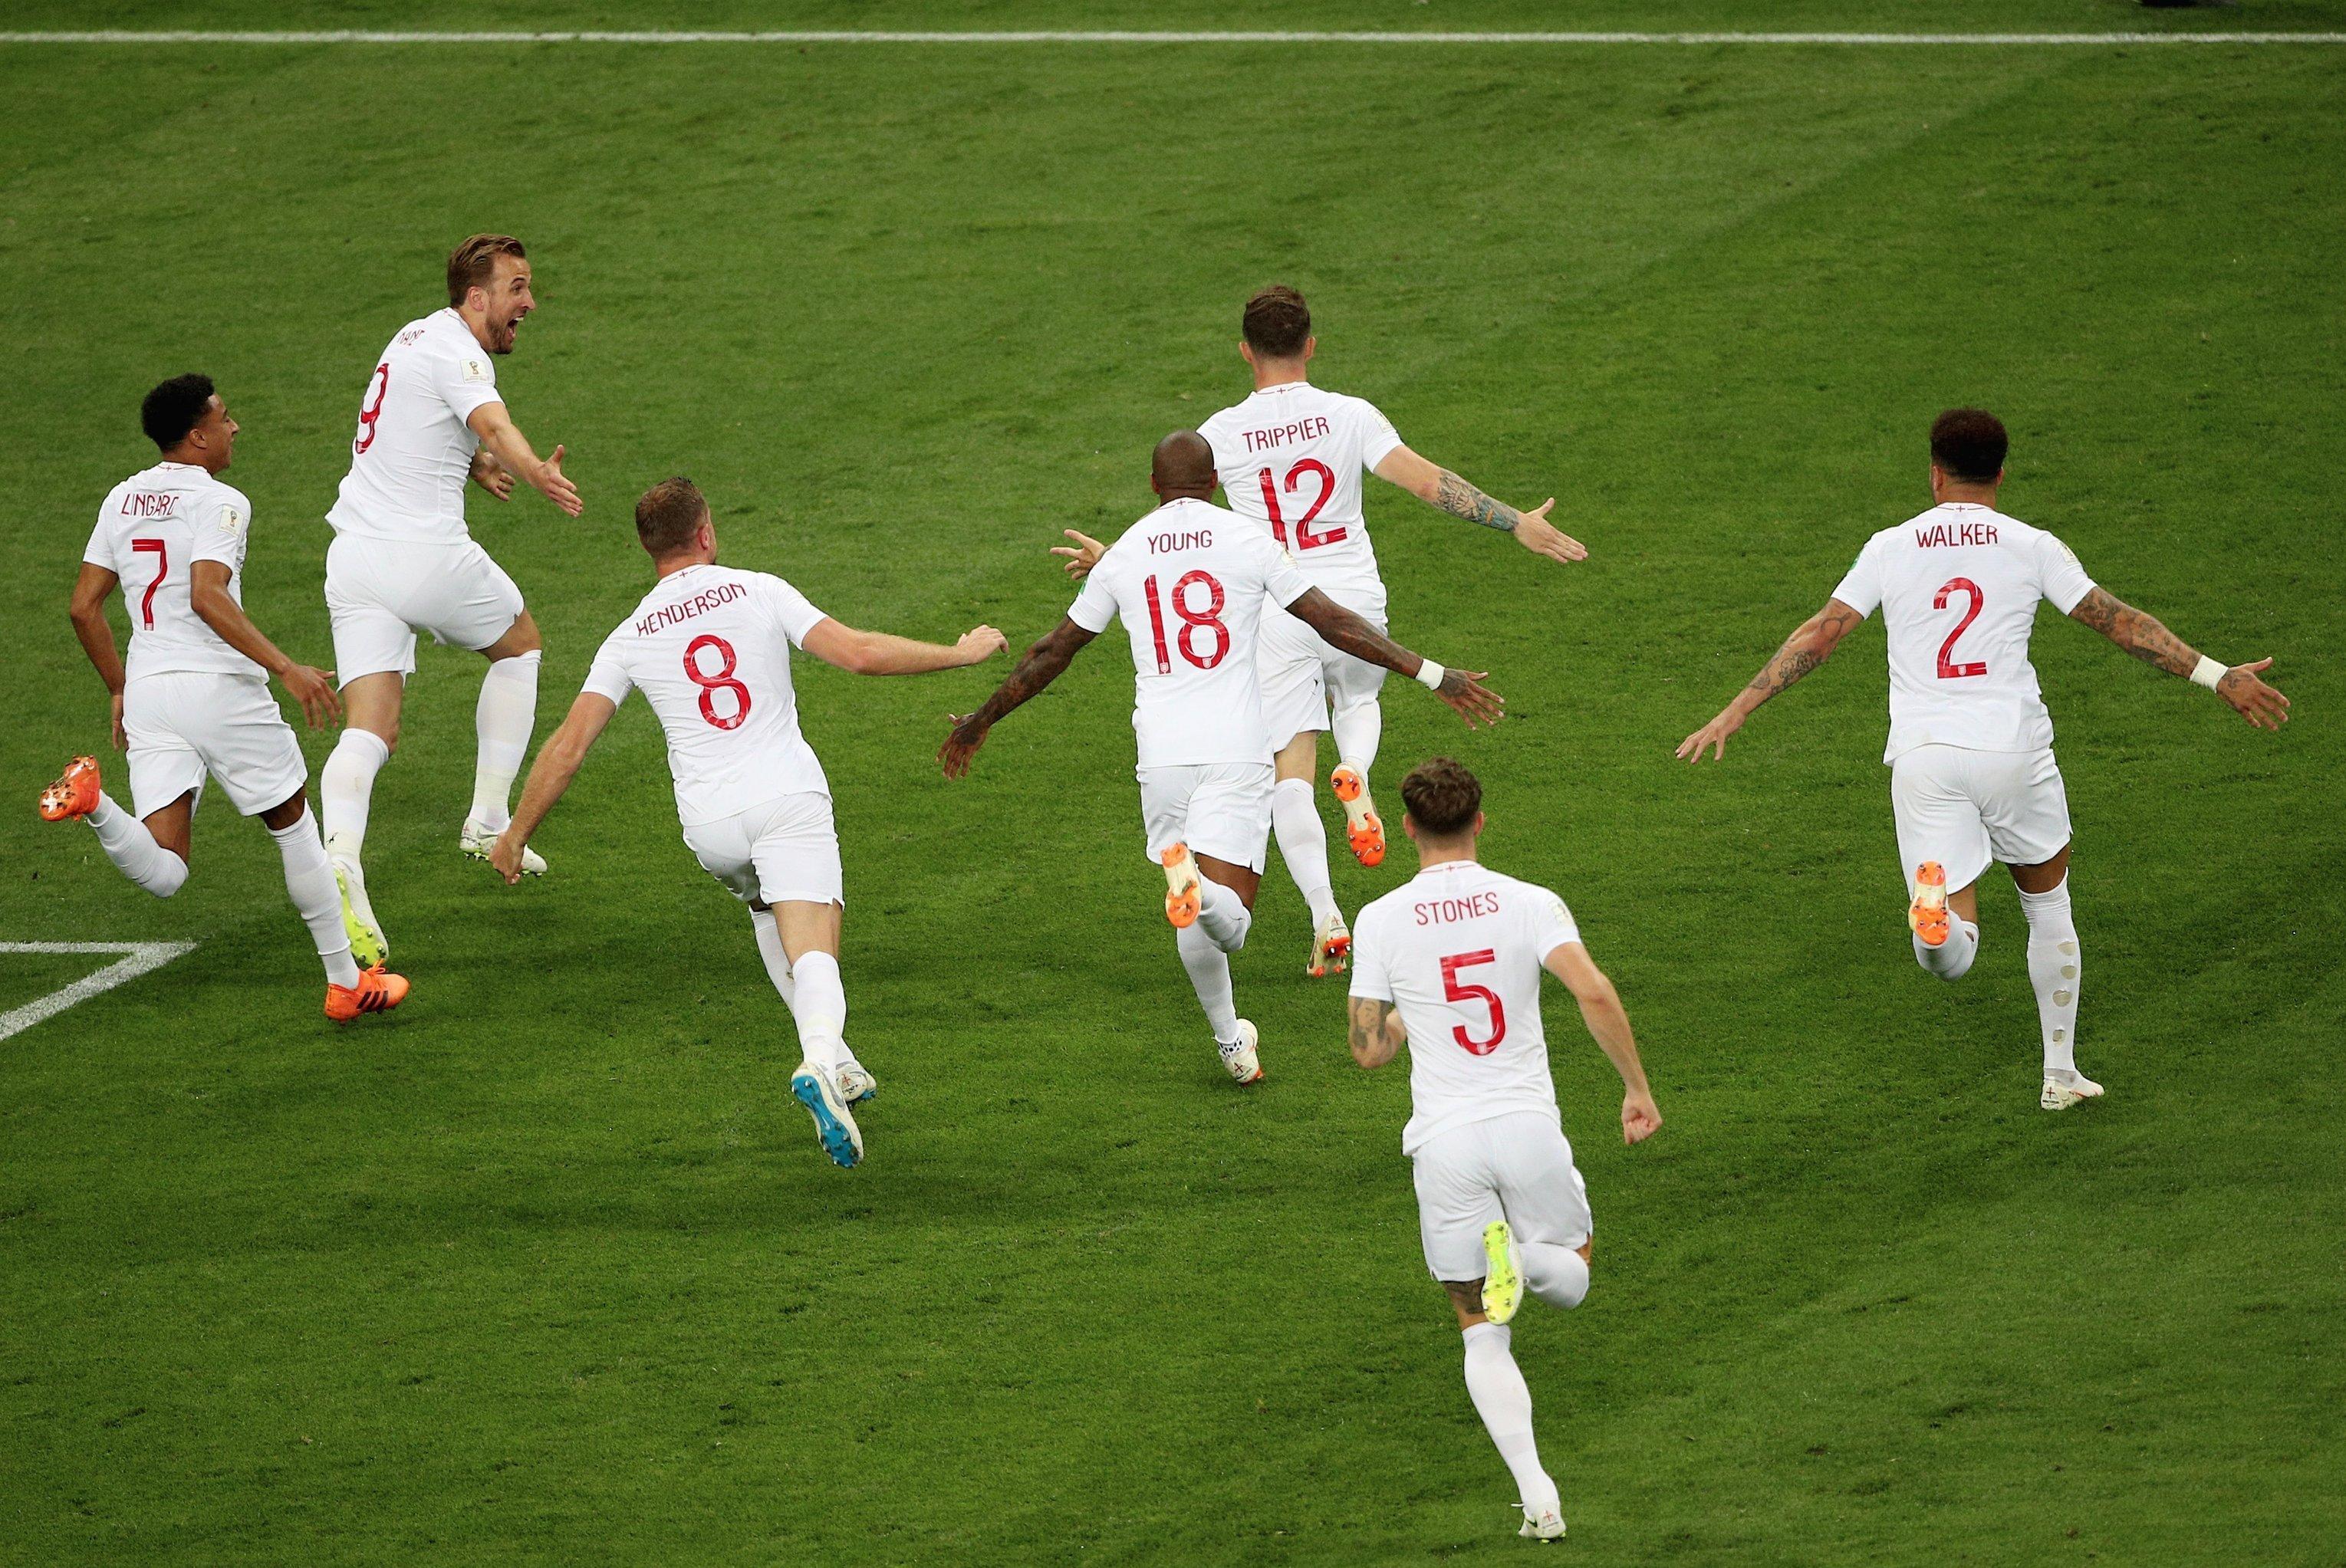 Englsh Team comemora após o gol do lateral direito Kieran Trippier